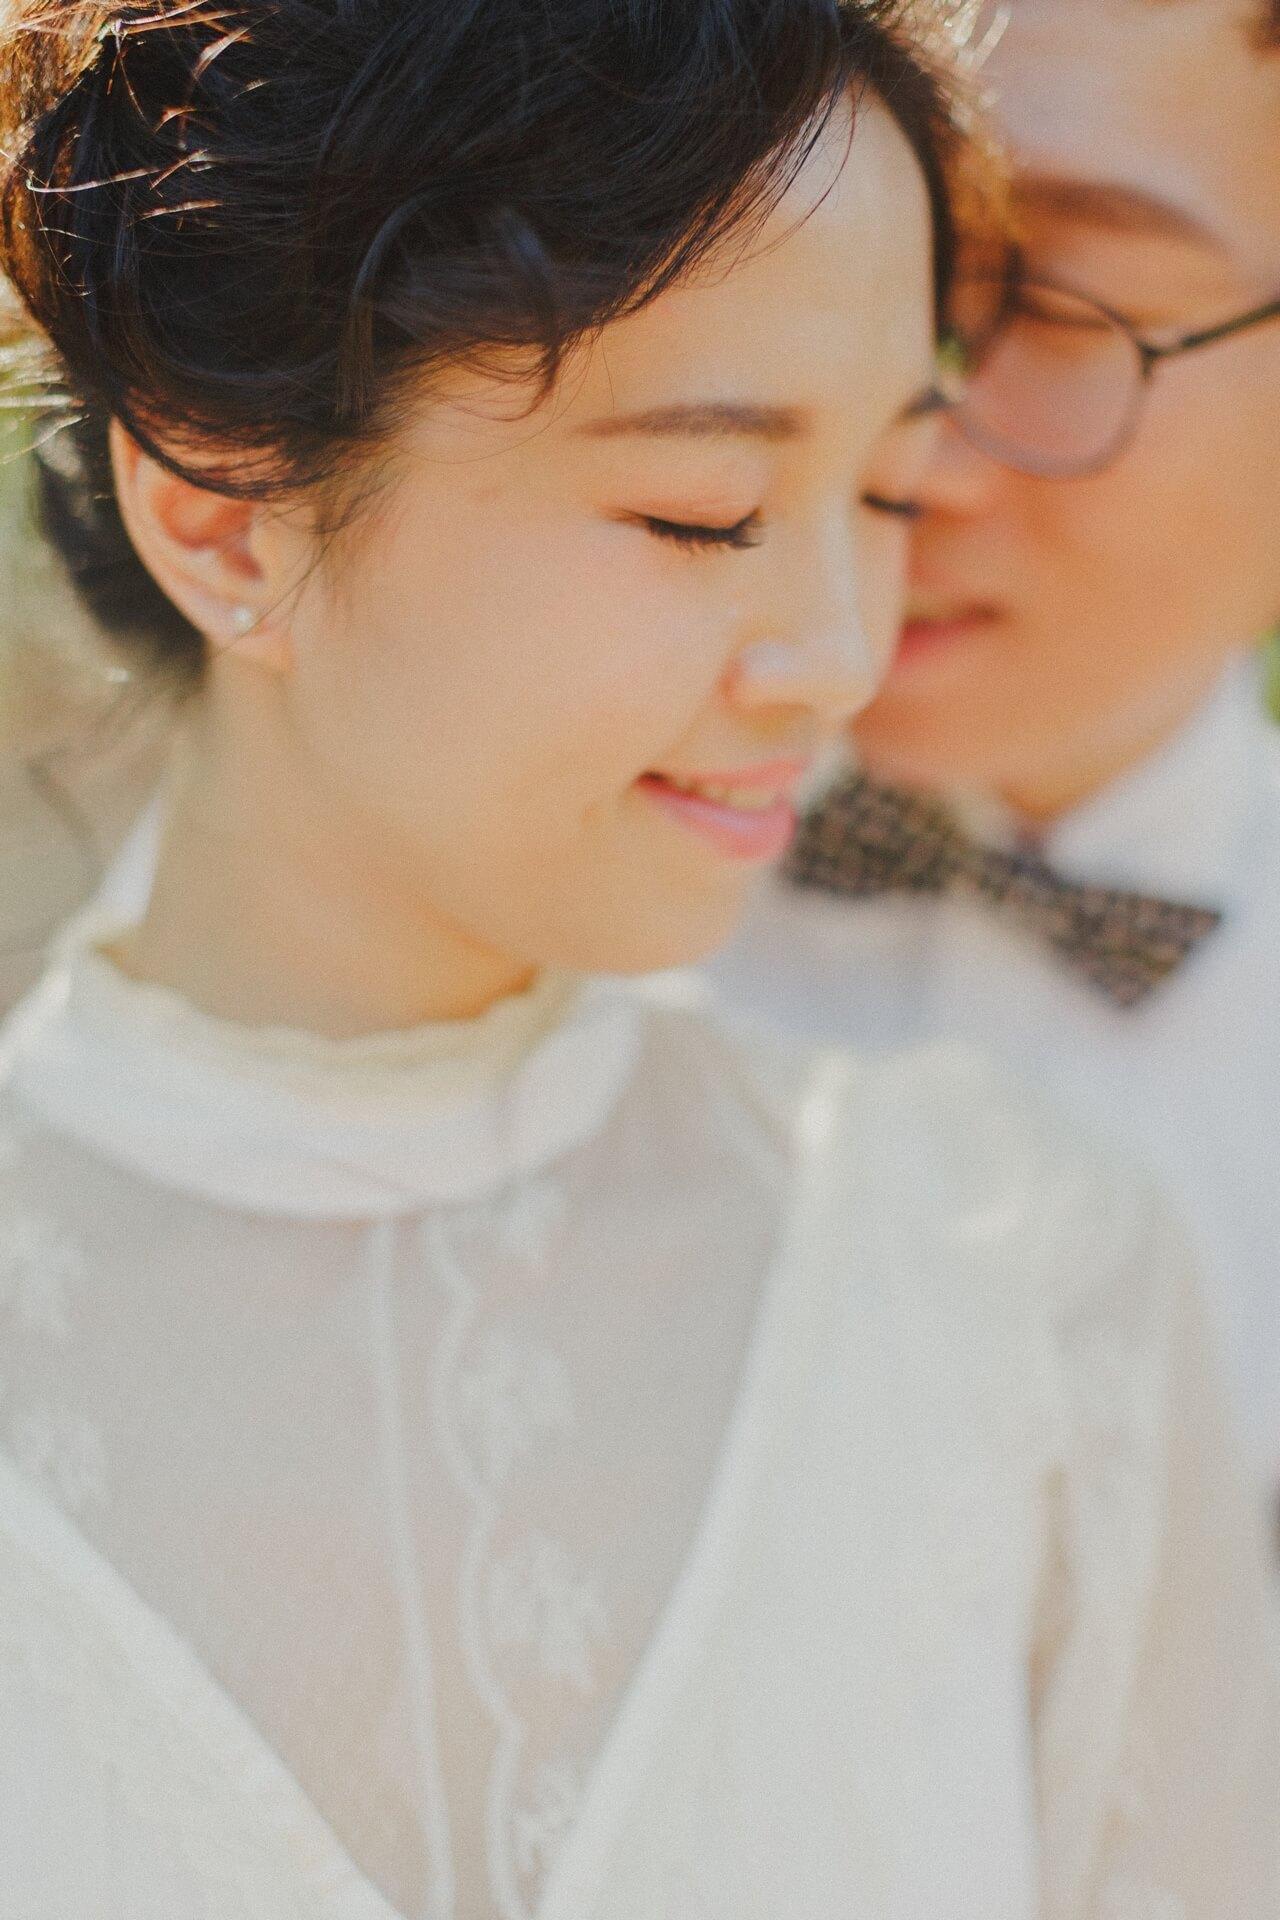 max fine art  攝影工作室 最佳婚禮紀錄推薦 海外婚禮推薦 底片風格 戶外婚禮推薦 台北婚攝 婚攝推薦 推薦婚攝 - 0012 (複製).jpg